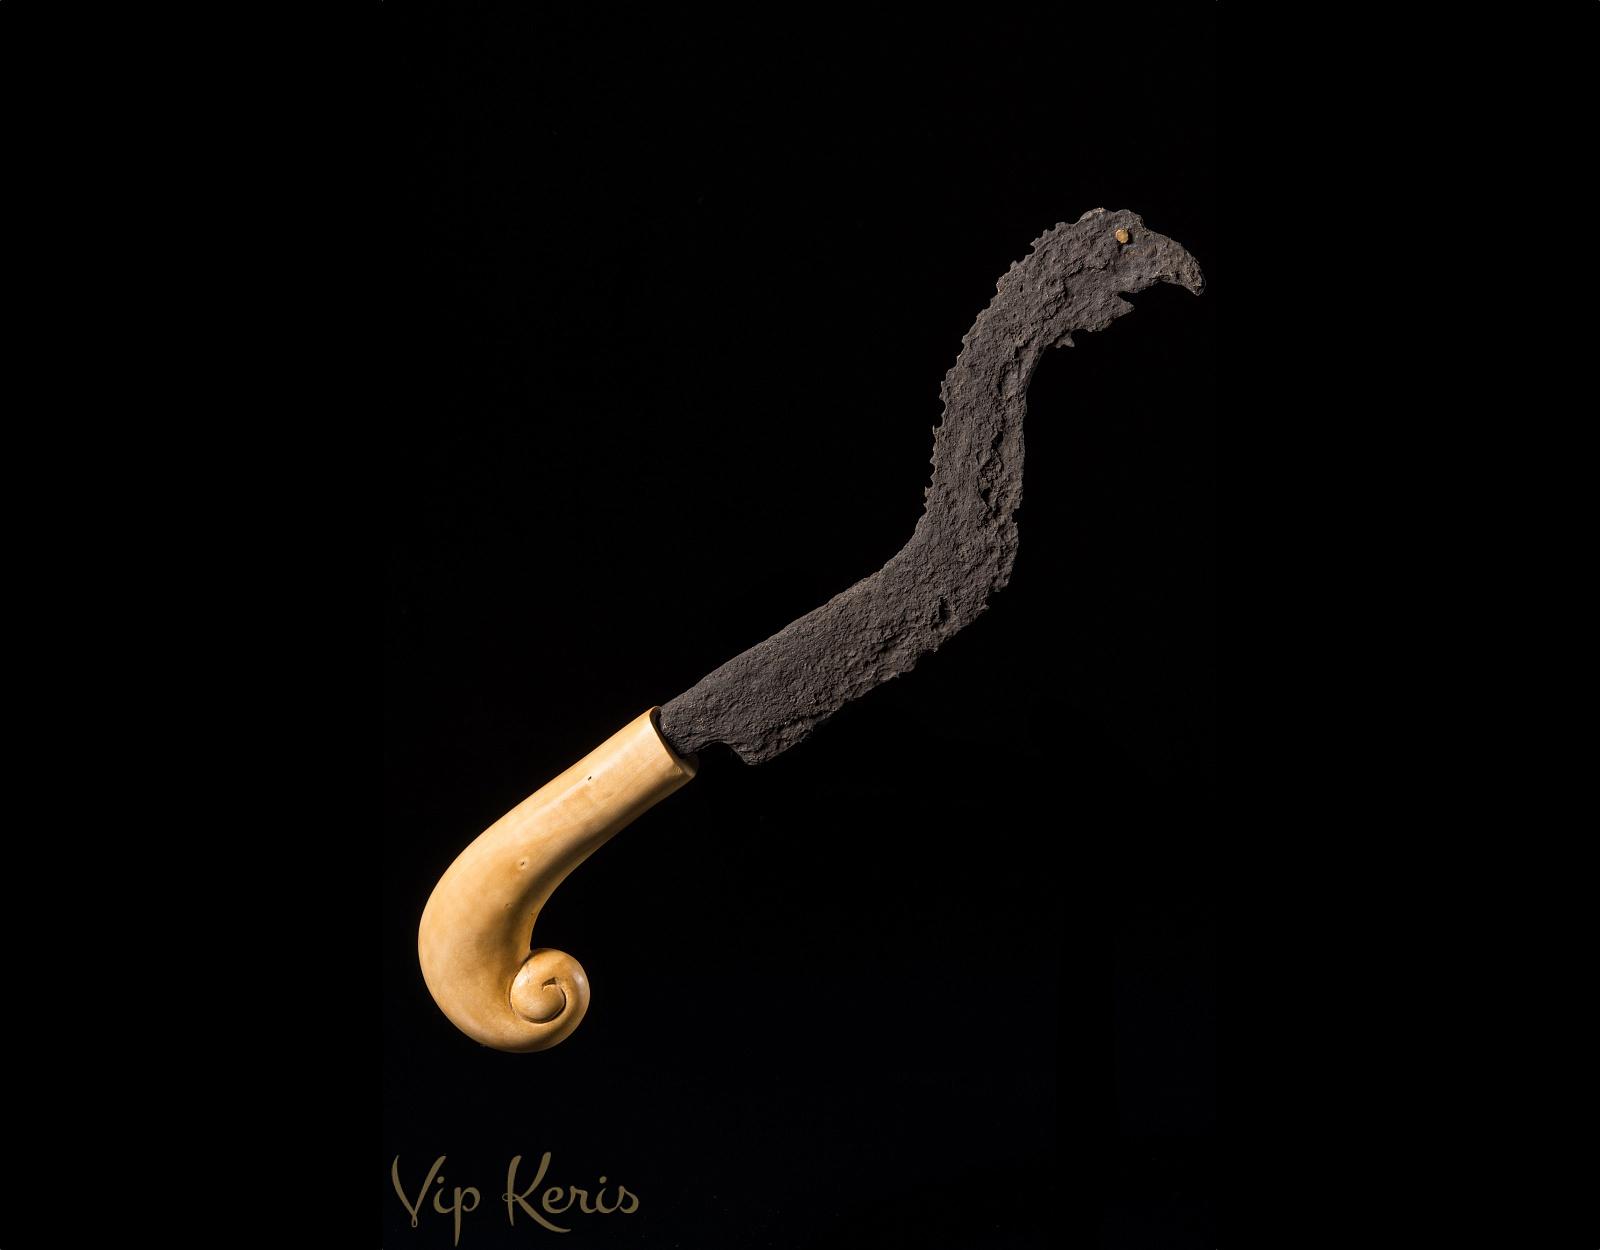 Kujang Ular Besar фото VipKeris